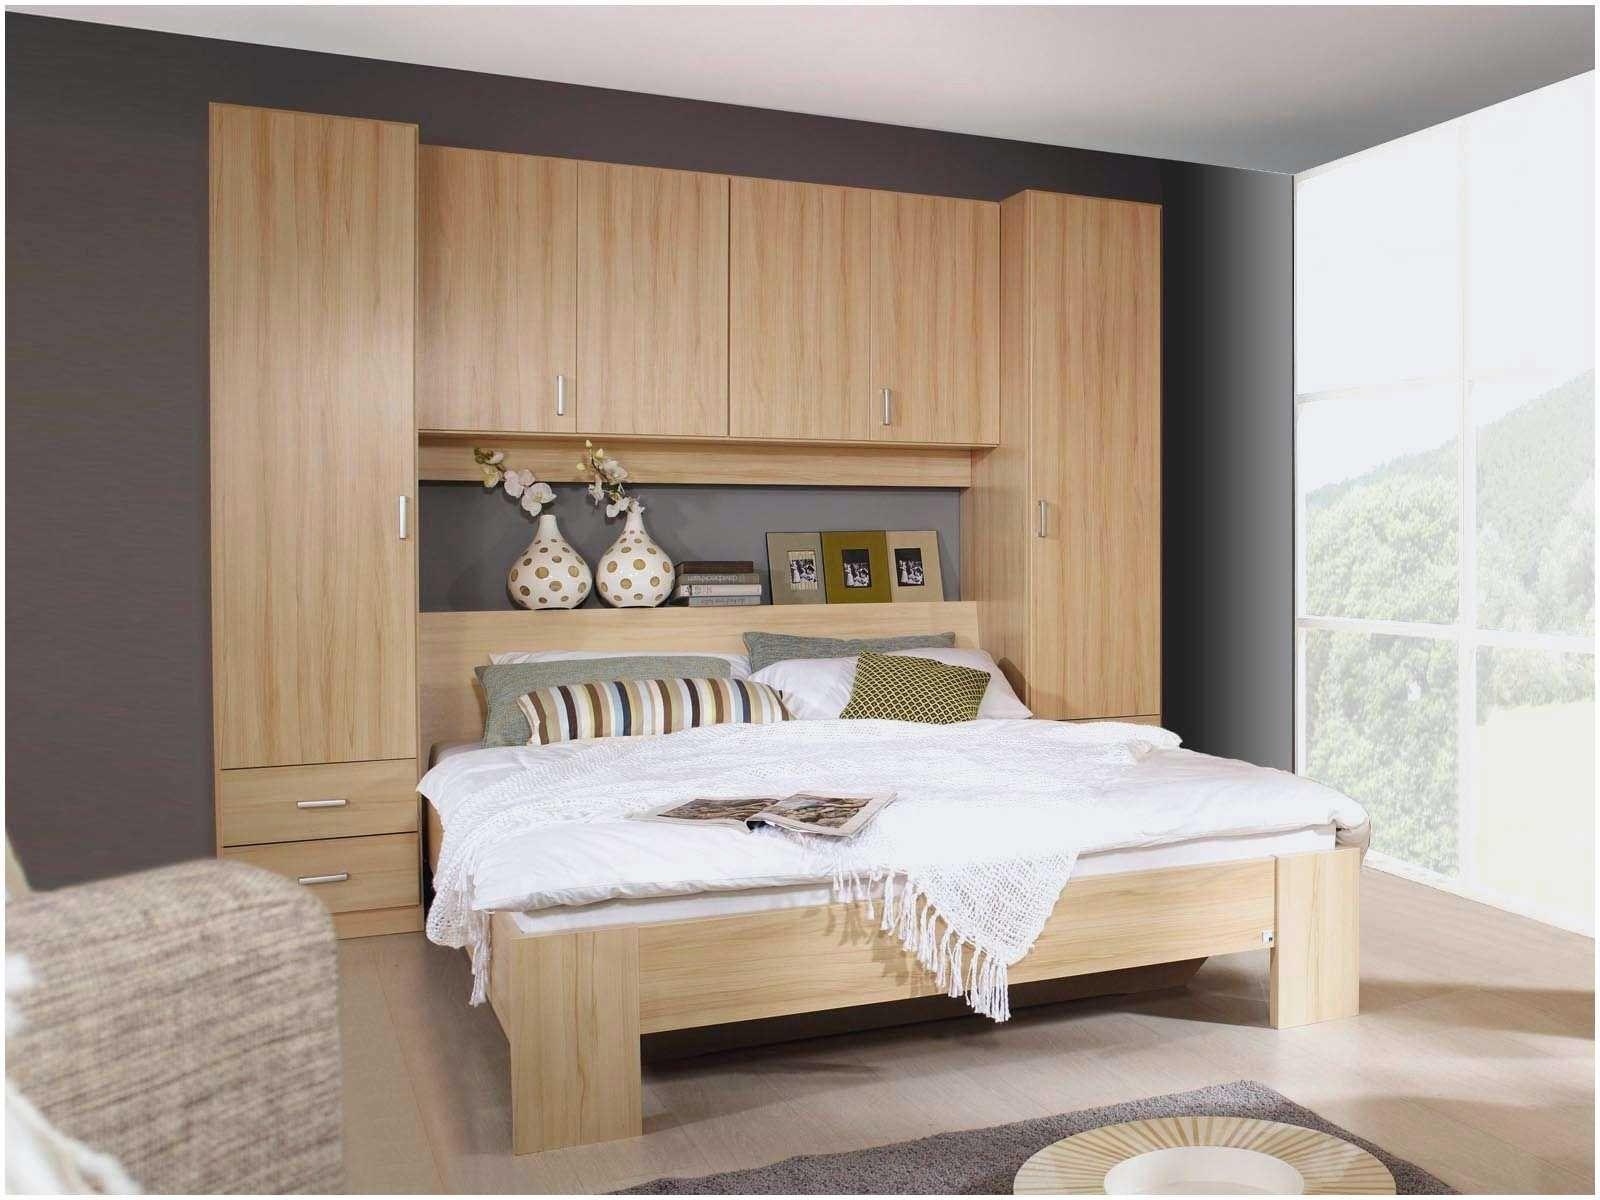 Tete De Lit En Bois Pas Cher tete de lit en bois brut lit en bois massif pas cher